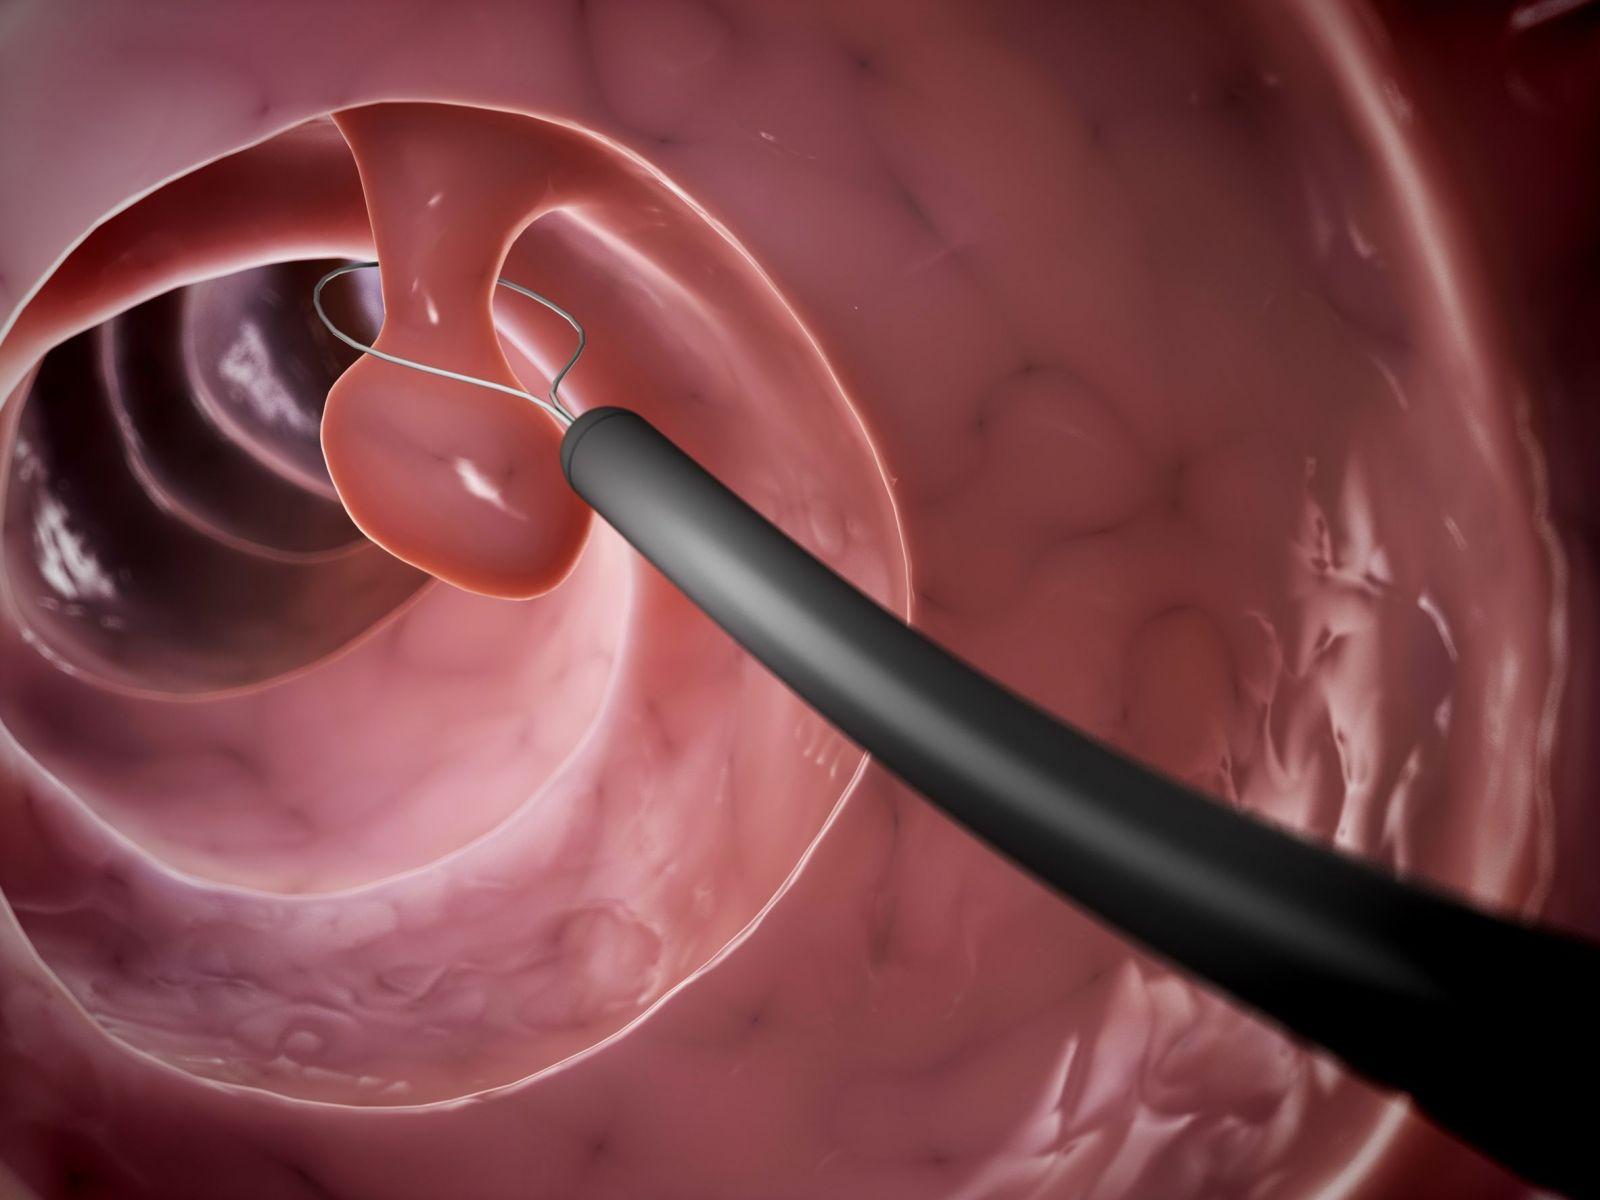 Полипы в матке: виды, психосоматика, а также чем опасен полипоз эндометрия